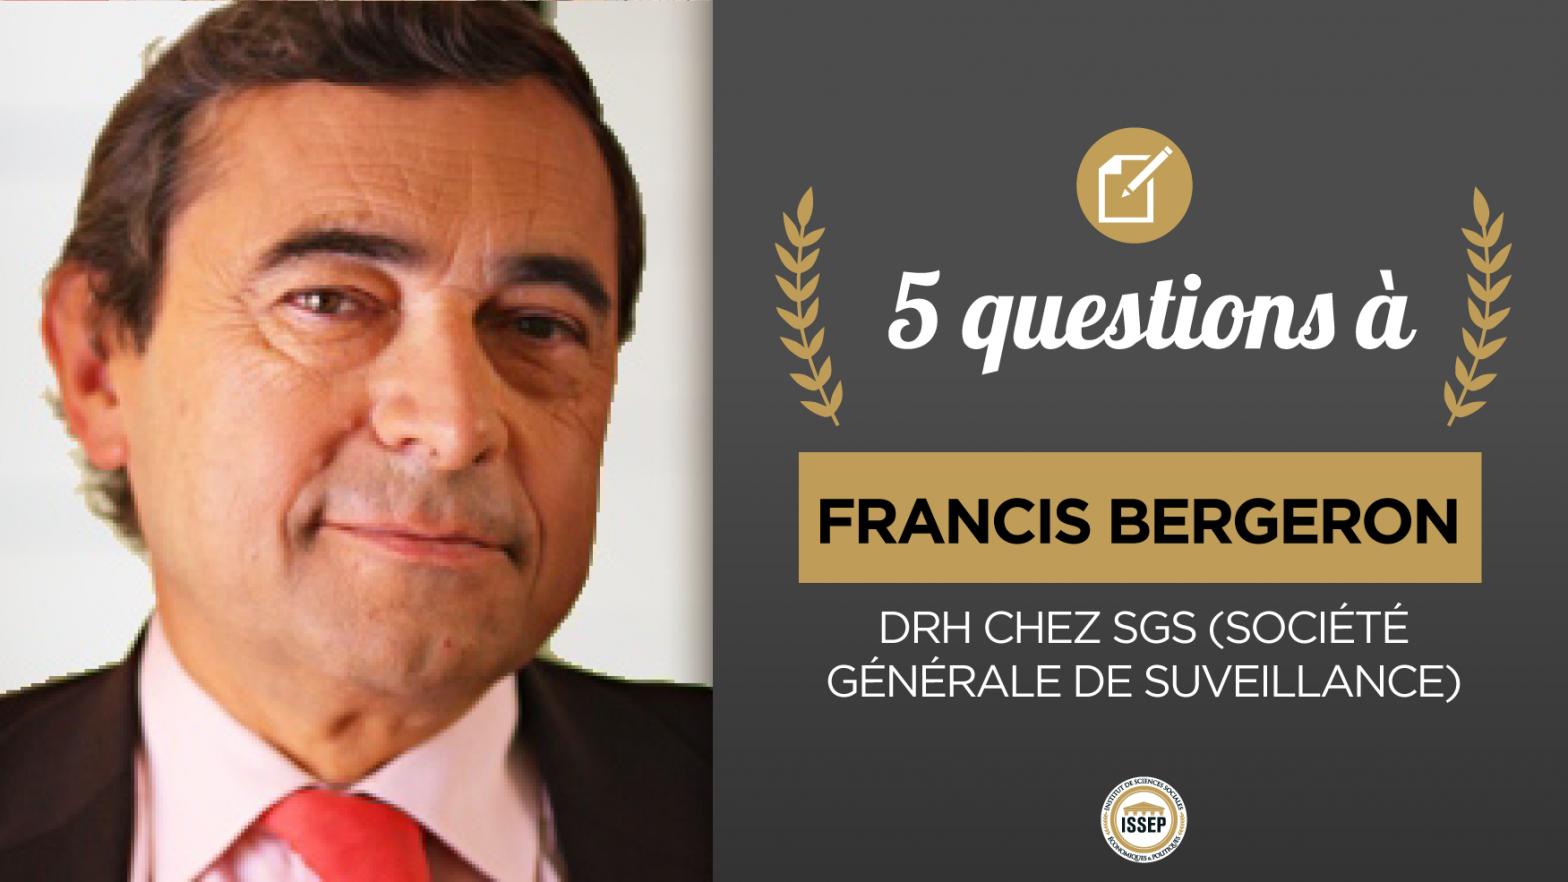 5 questions à Francis Bergeron, DRH chez SGS